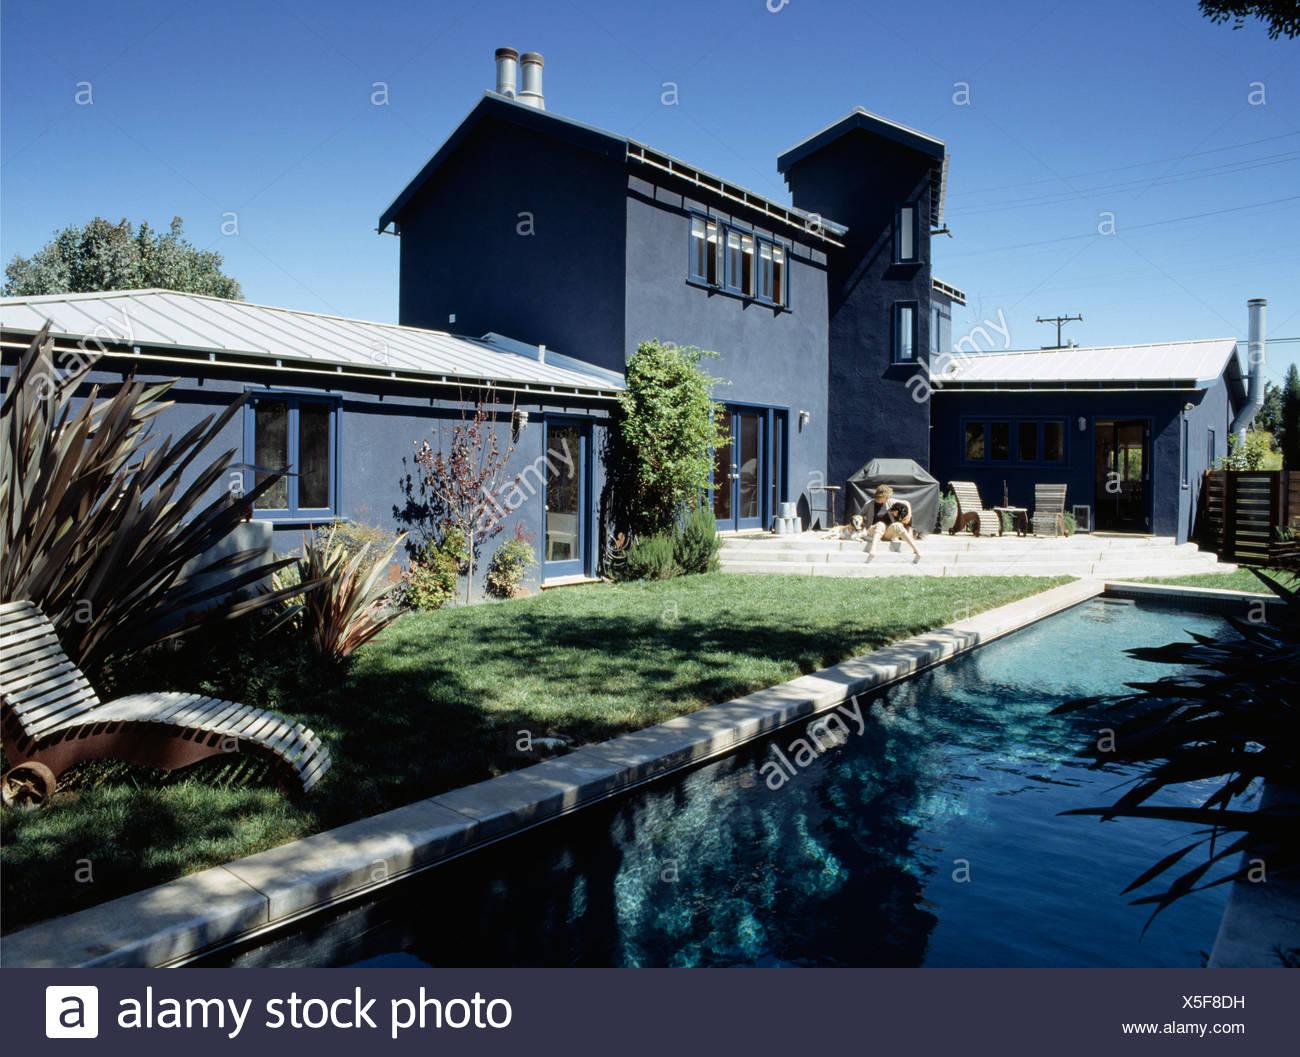 Swimmingpool im Garten des modernen Haus in Kalifornien Stockfoto ...